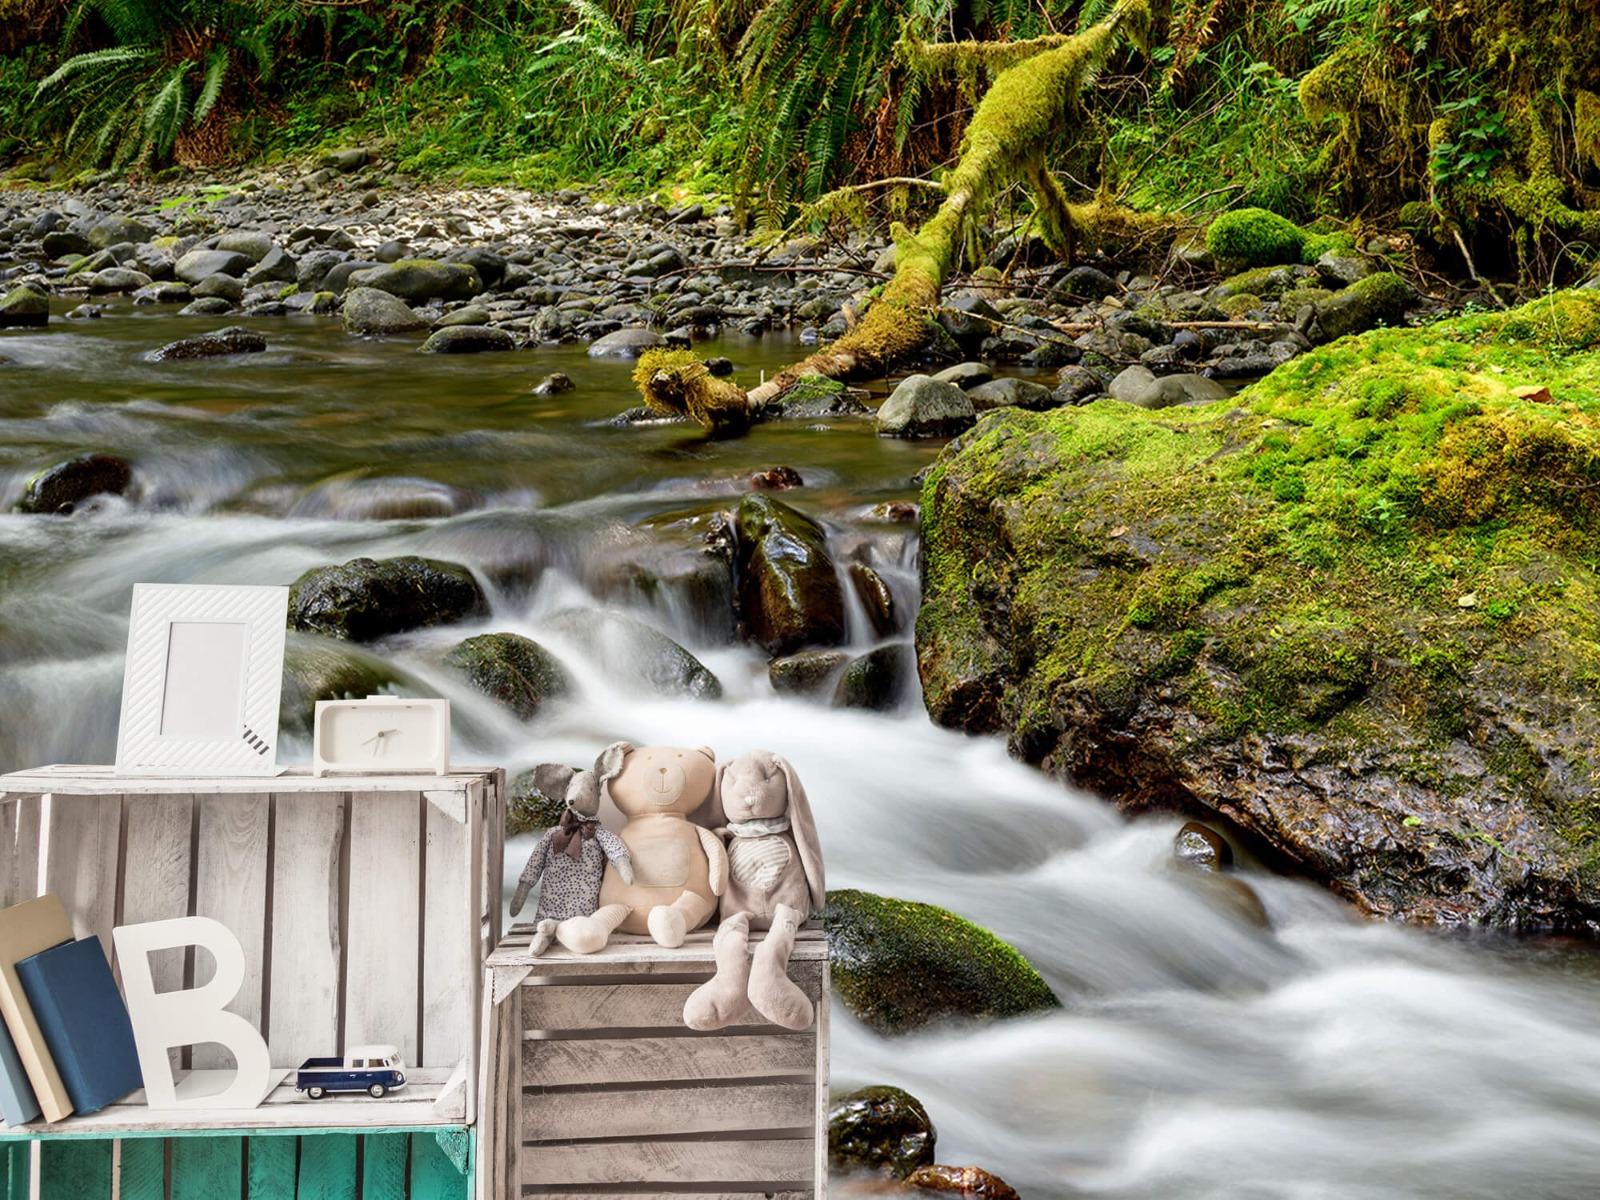 Meertjes en Wateren - Groen rotsblok met riviertje - Wallexclusive - Slaapkamer 20